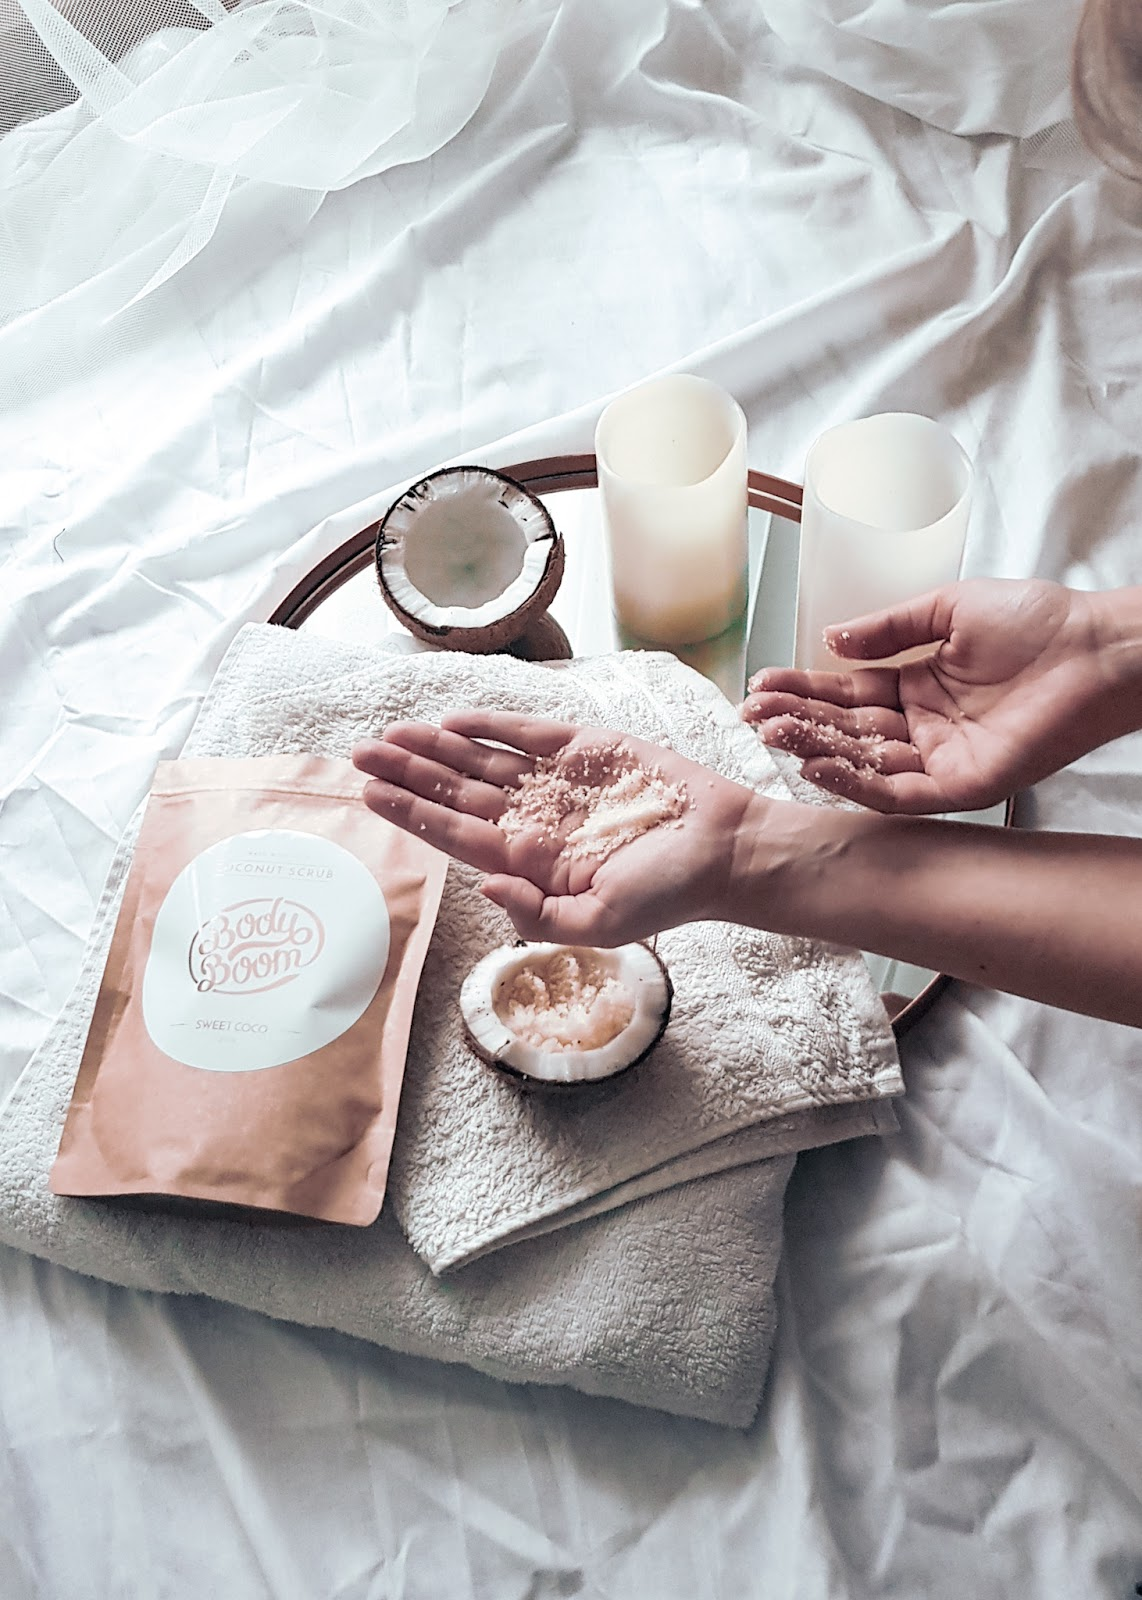 Domowa pielęgnacja skóry, pilingi do zrobienia w domu